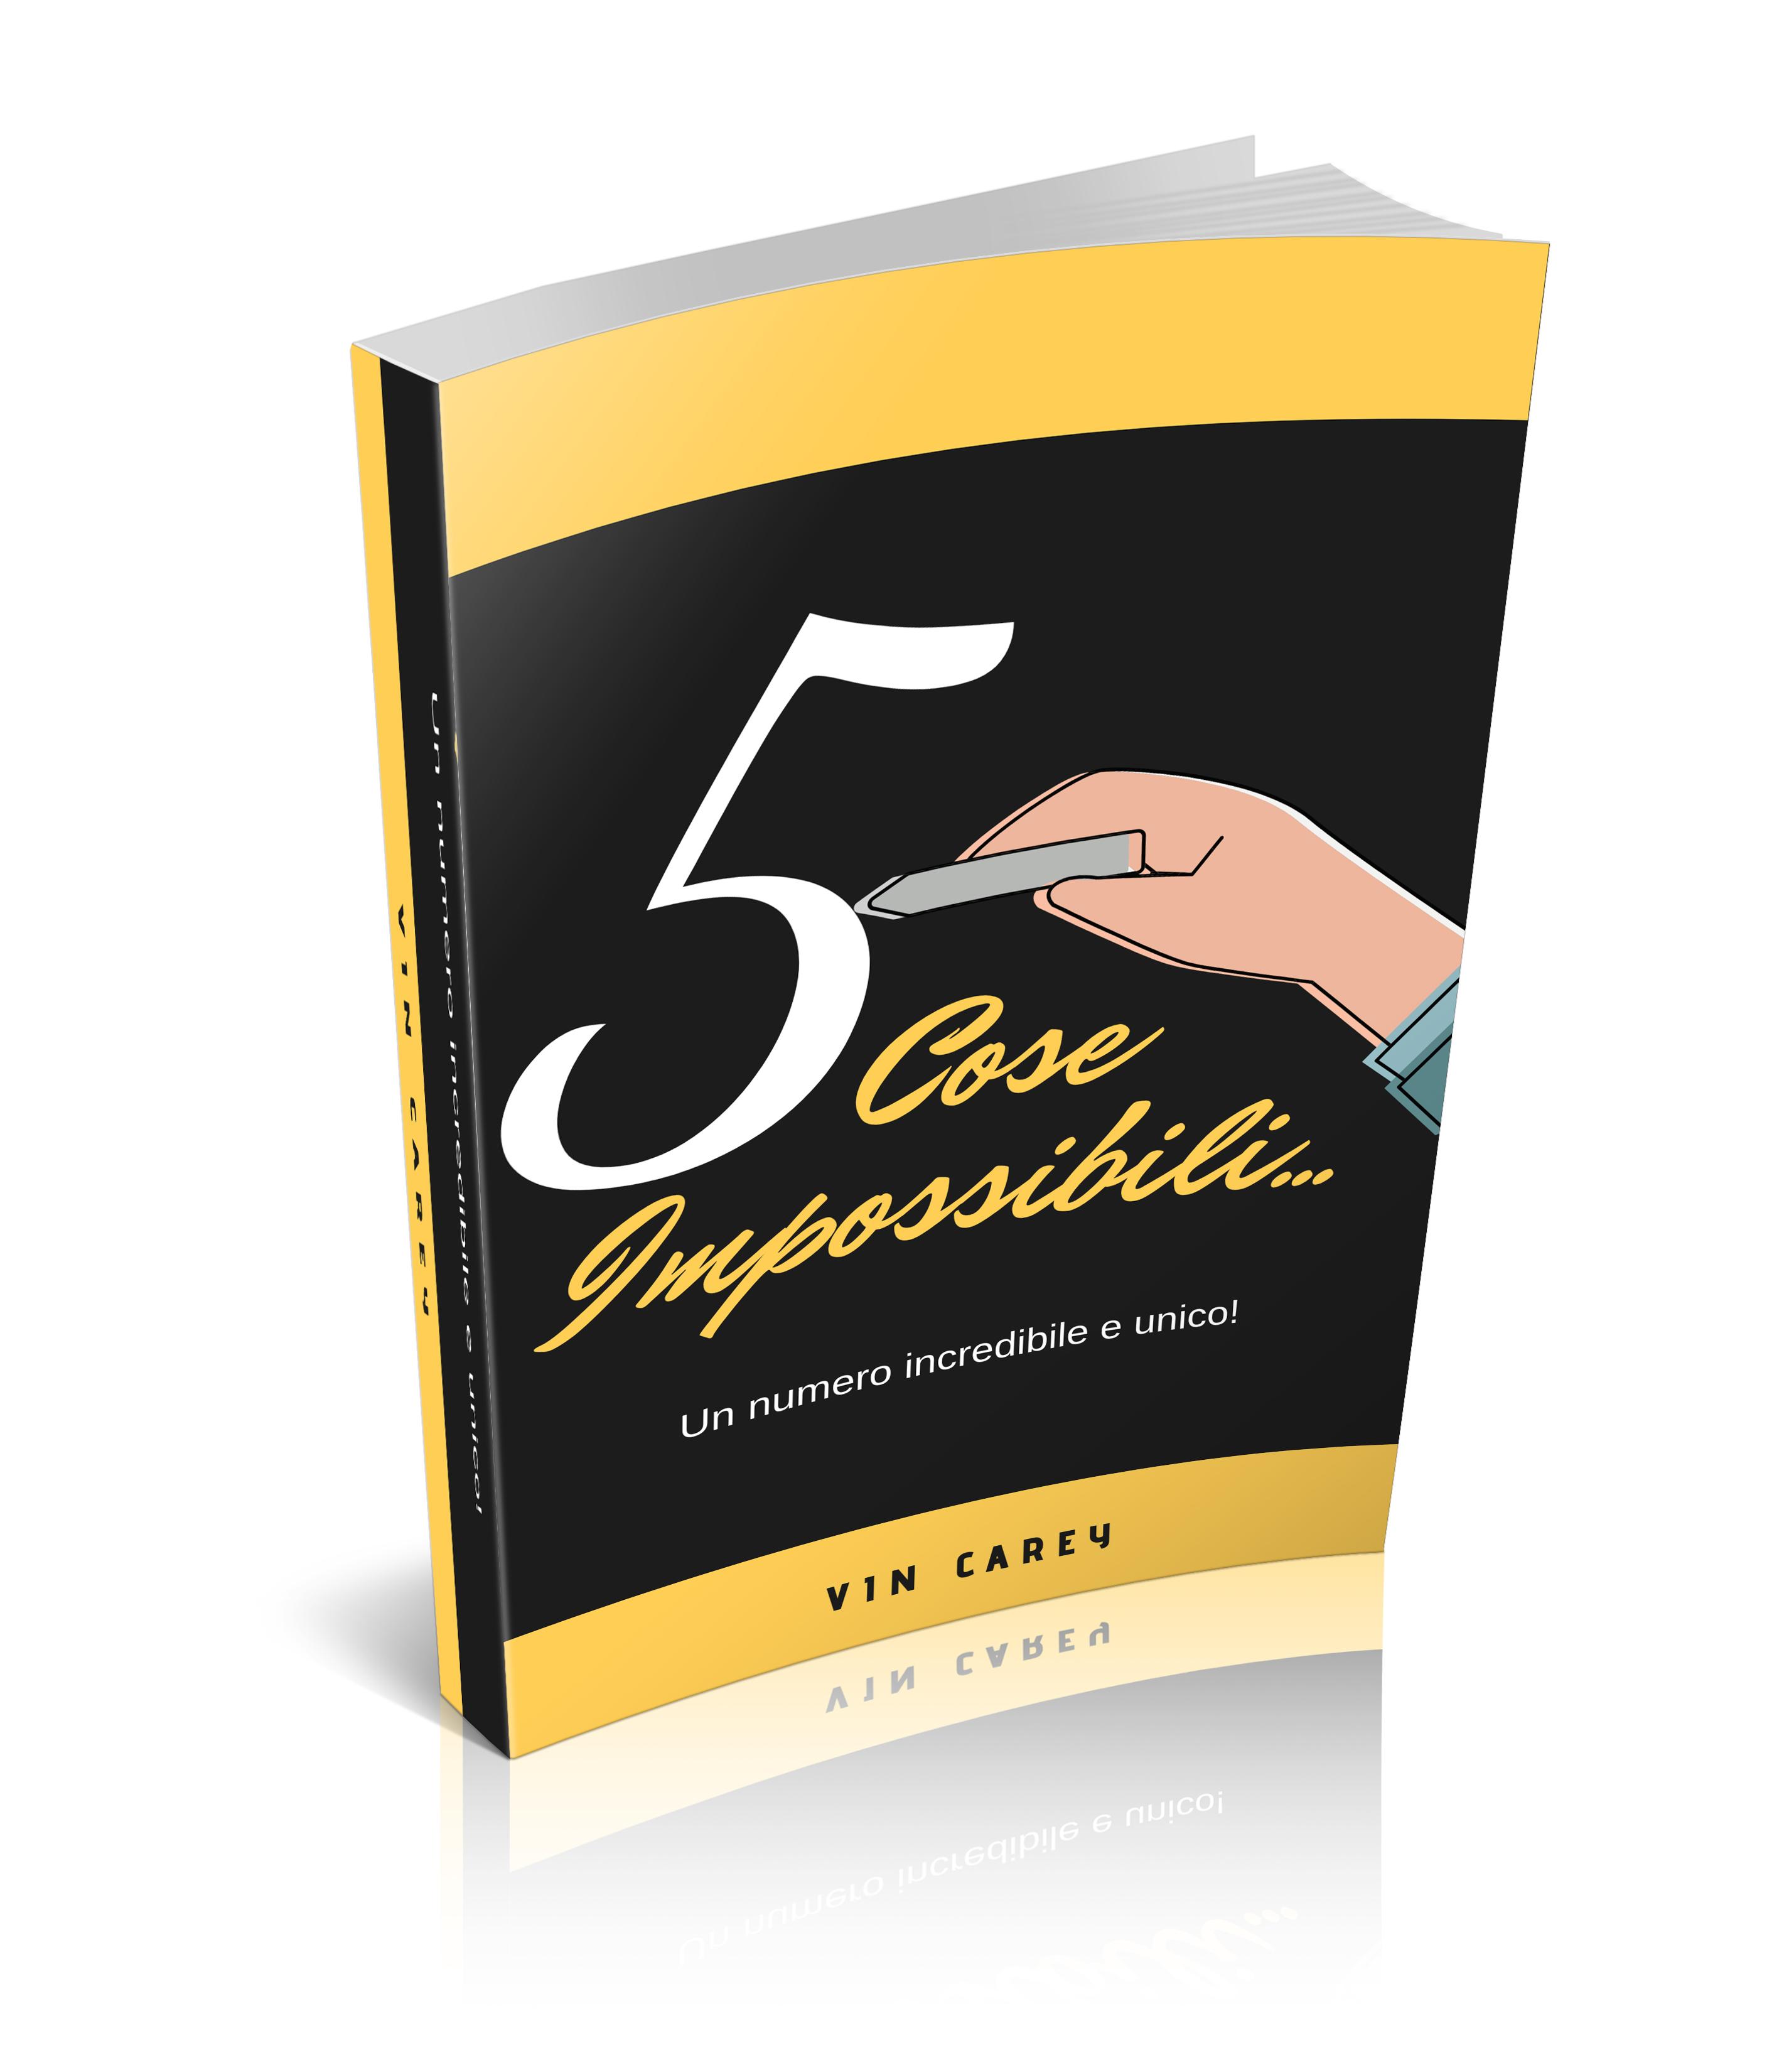 5 Cose Impossibili…